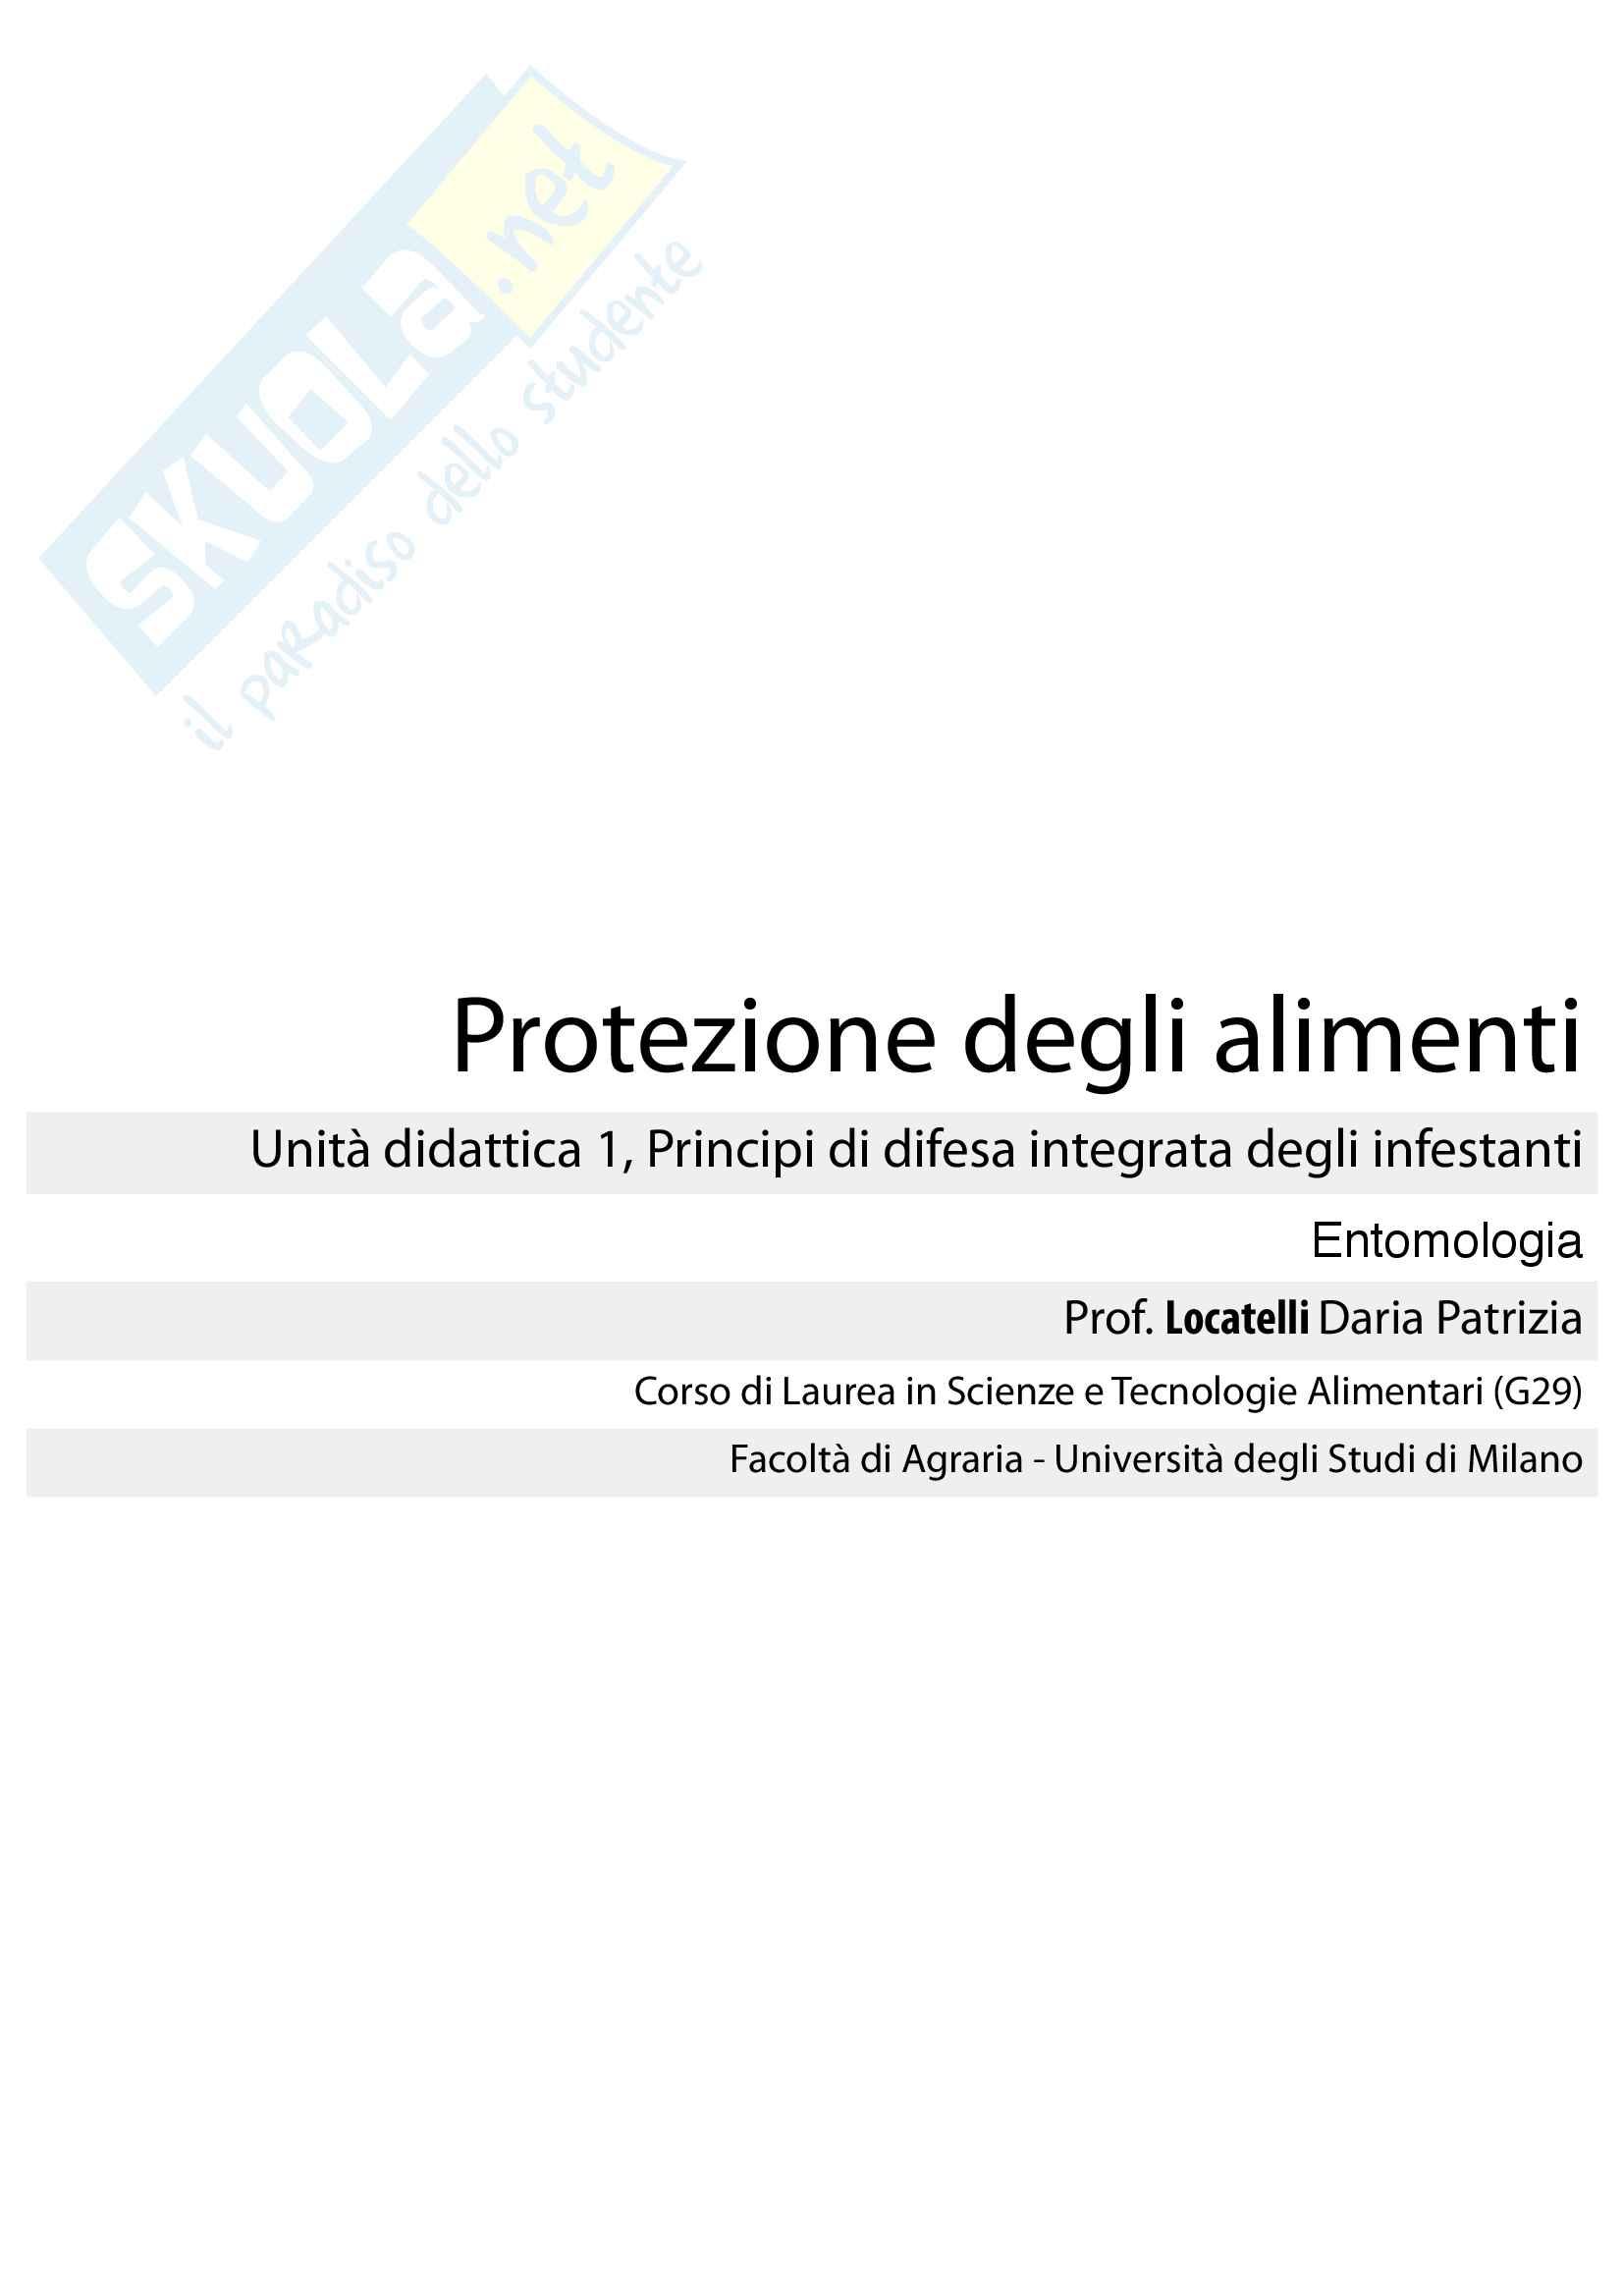 Entomologia, Protezione degli alimenti (Unità did. 1)